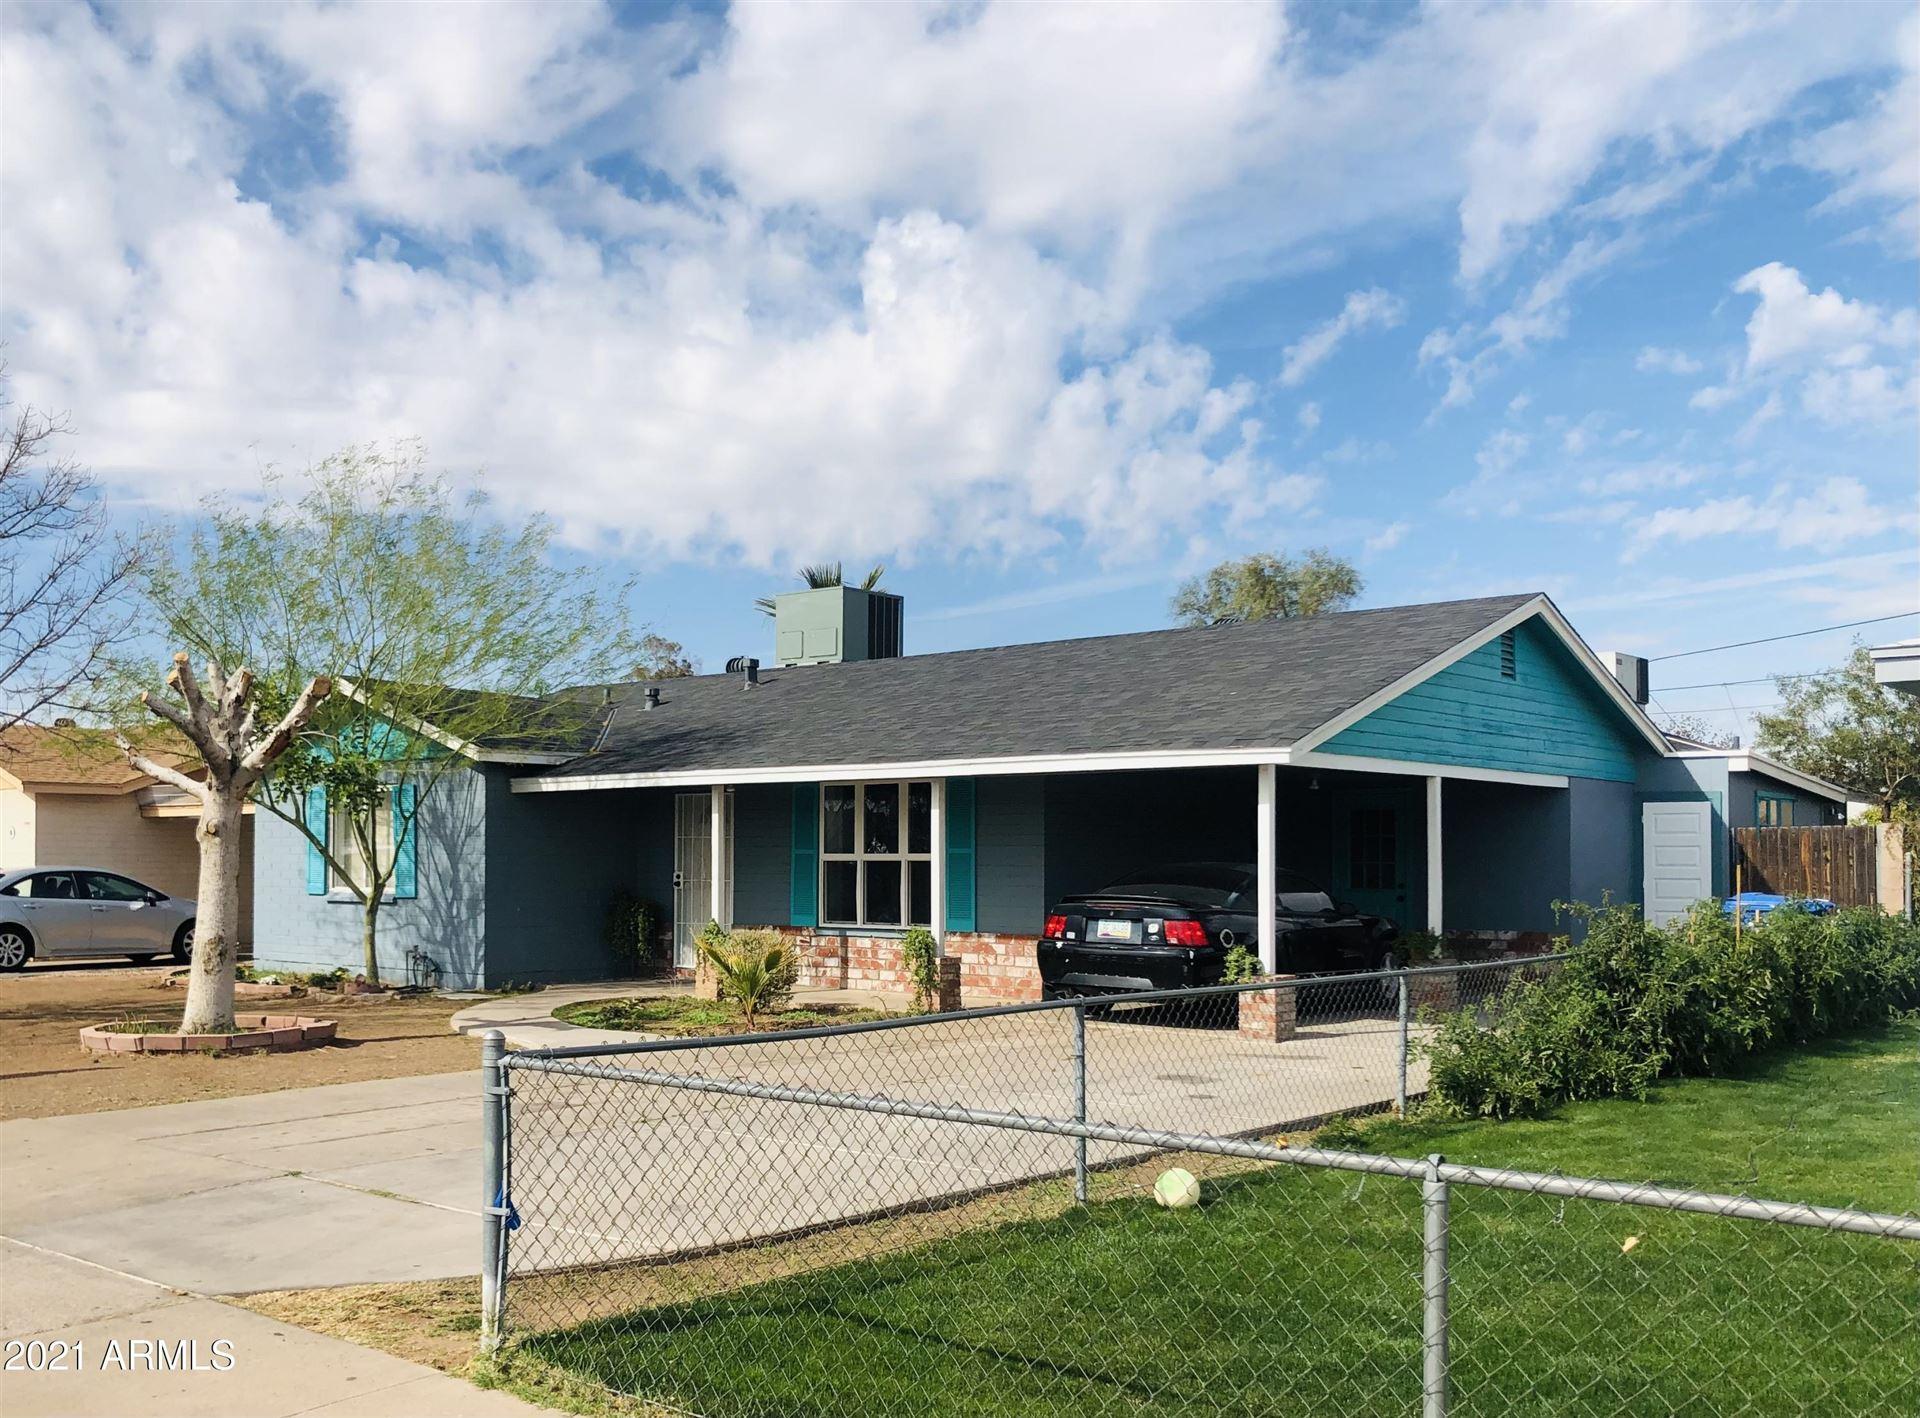 2452 E ALMERIA Road, Phoenix, AZ 85008 - MLS#: 6159942